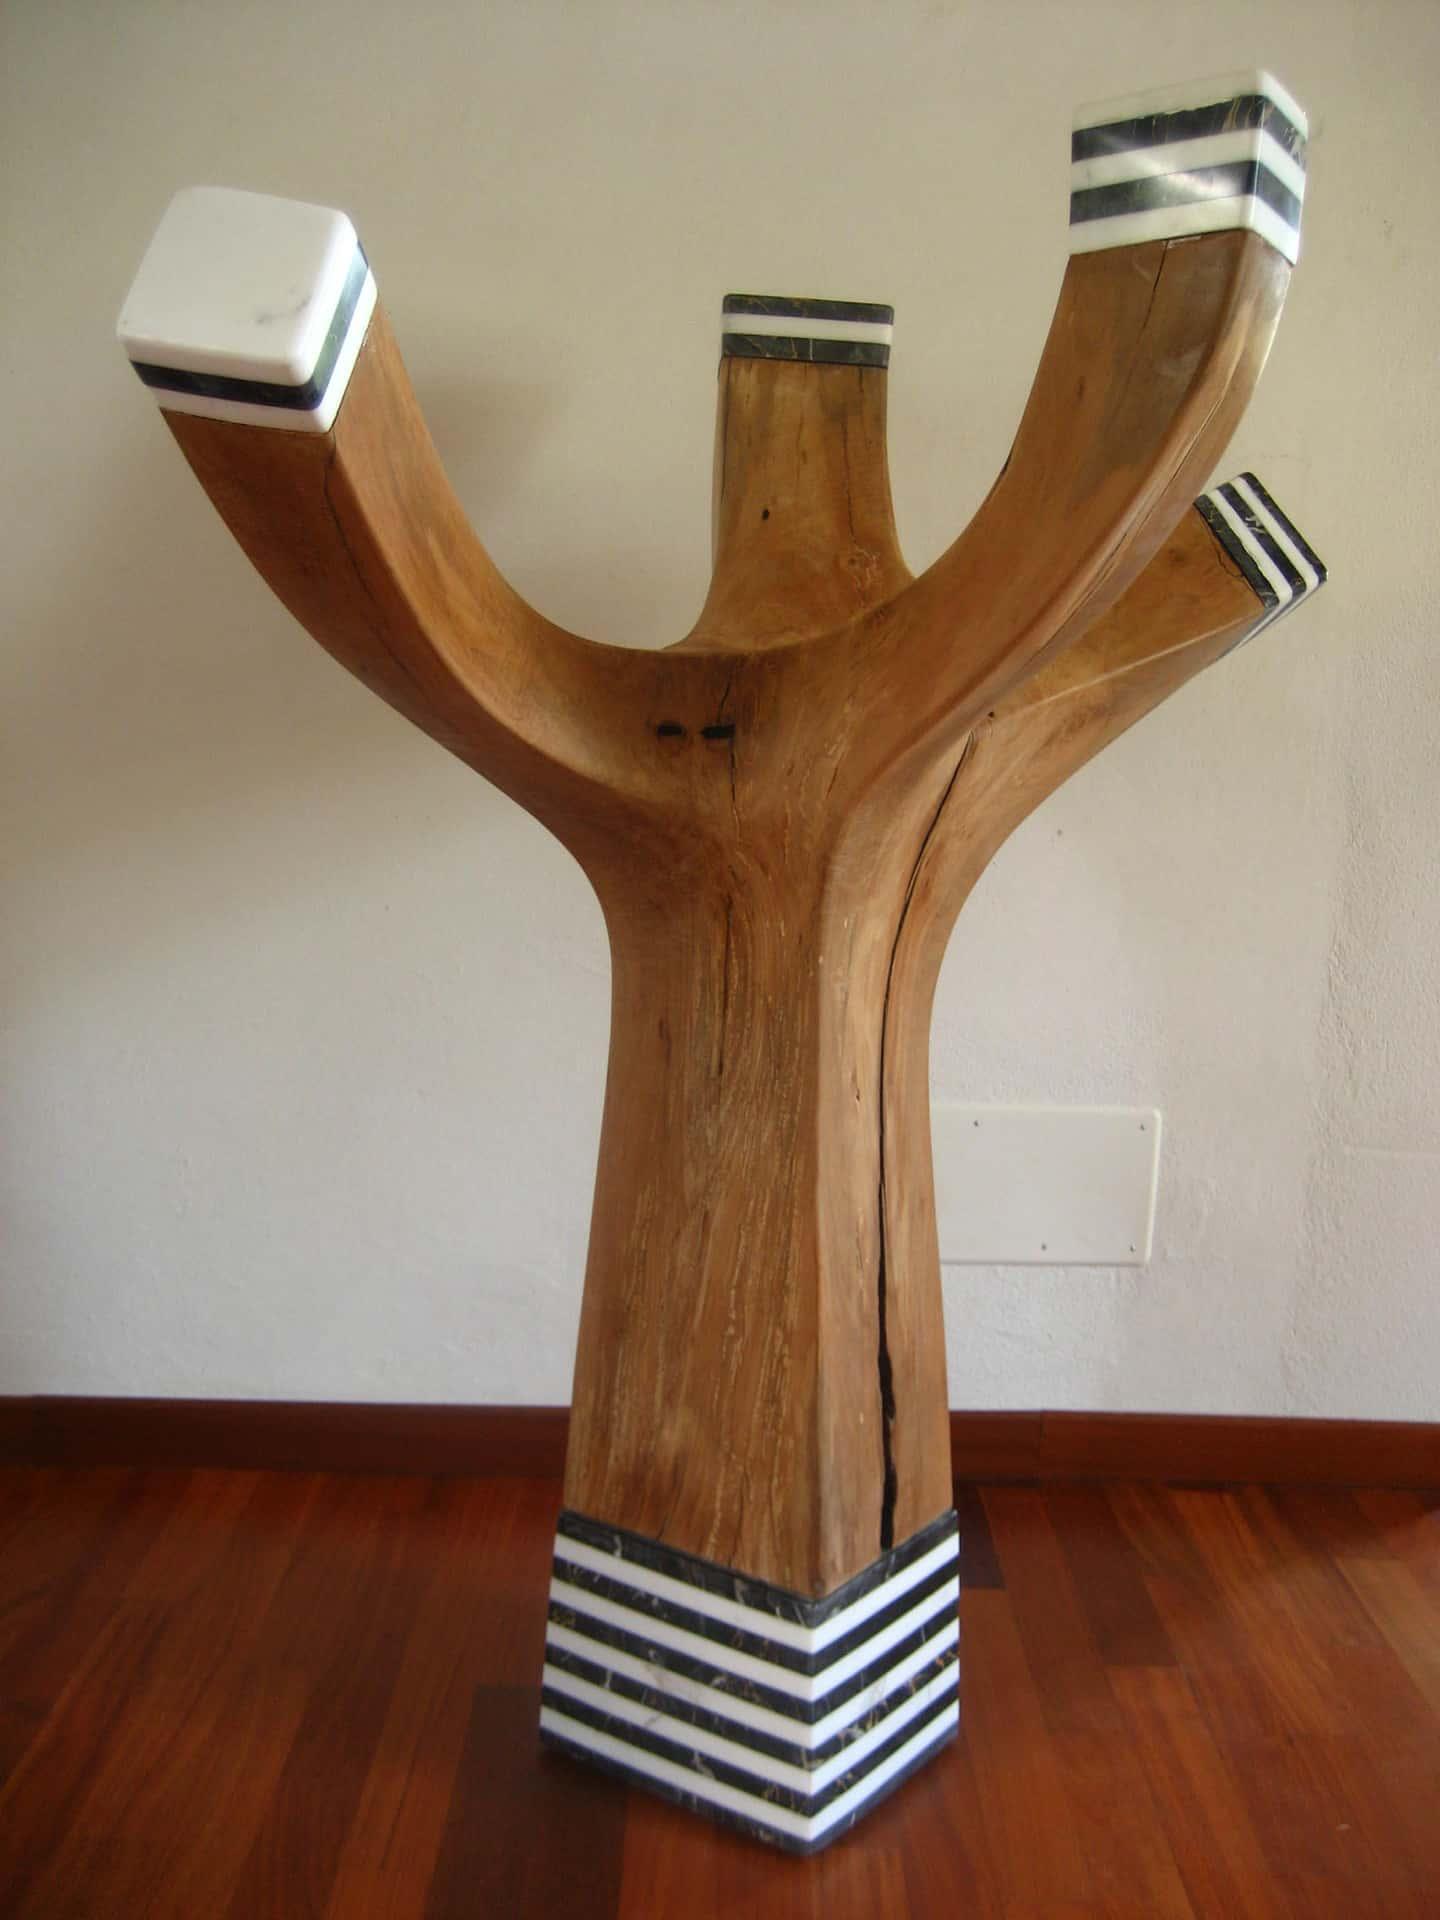 Scultura appendiabiti legno e marmo alessandra politi - Portabiti in legno ...